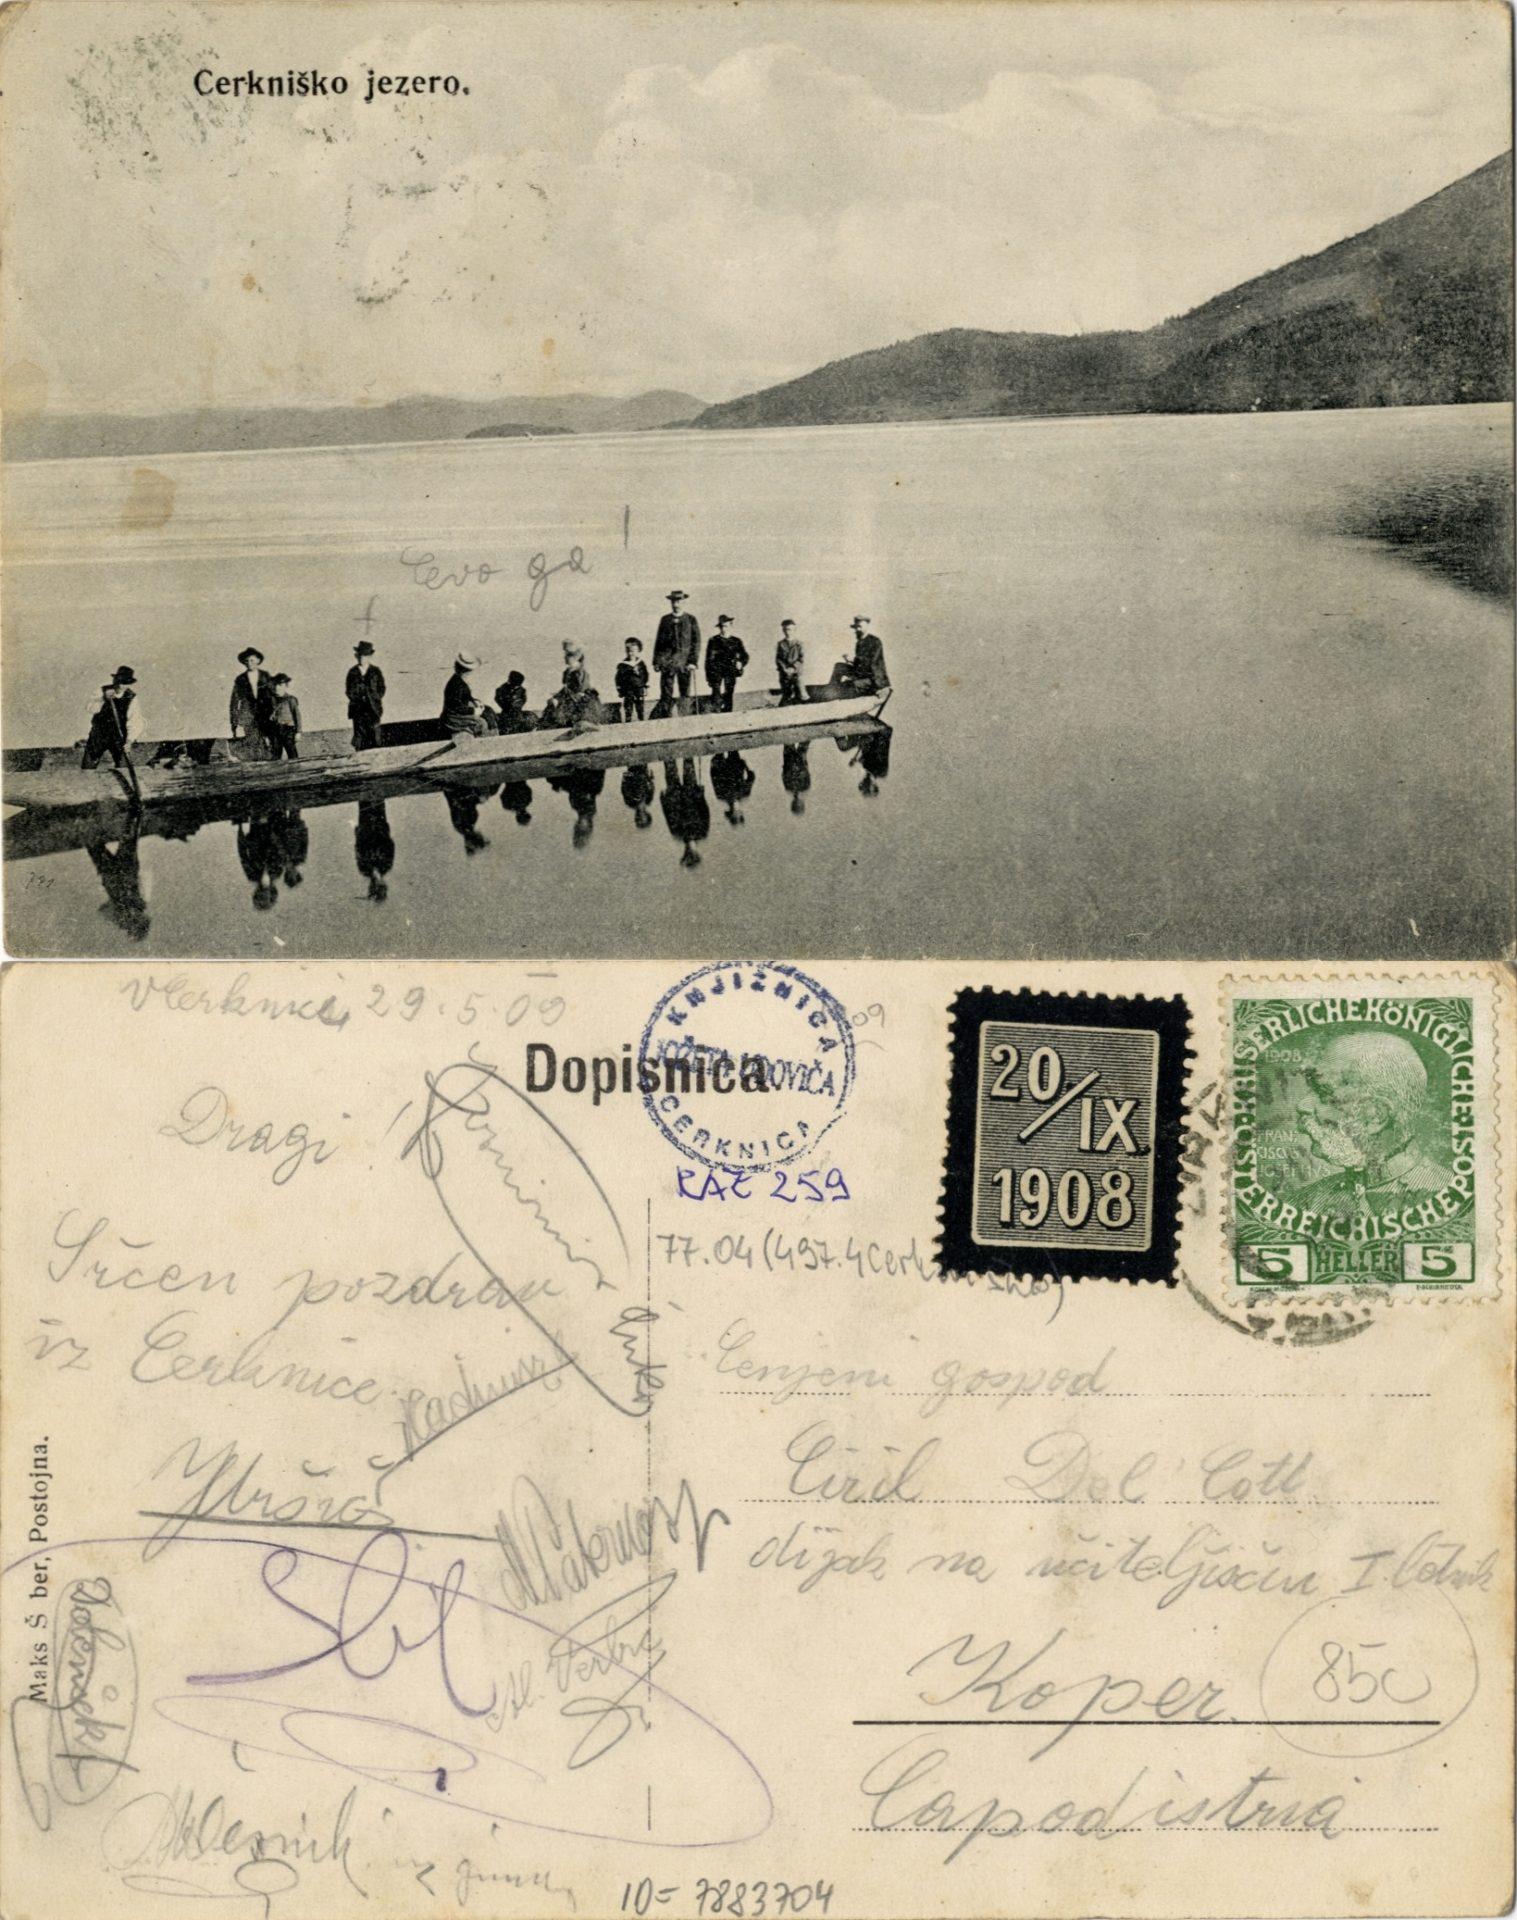 zlimano 7 - Cerkniško jezero